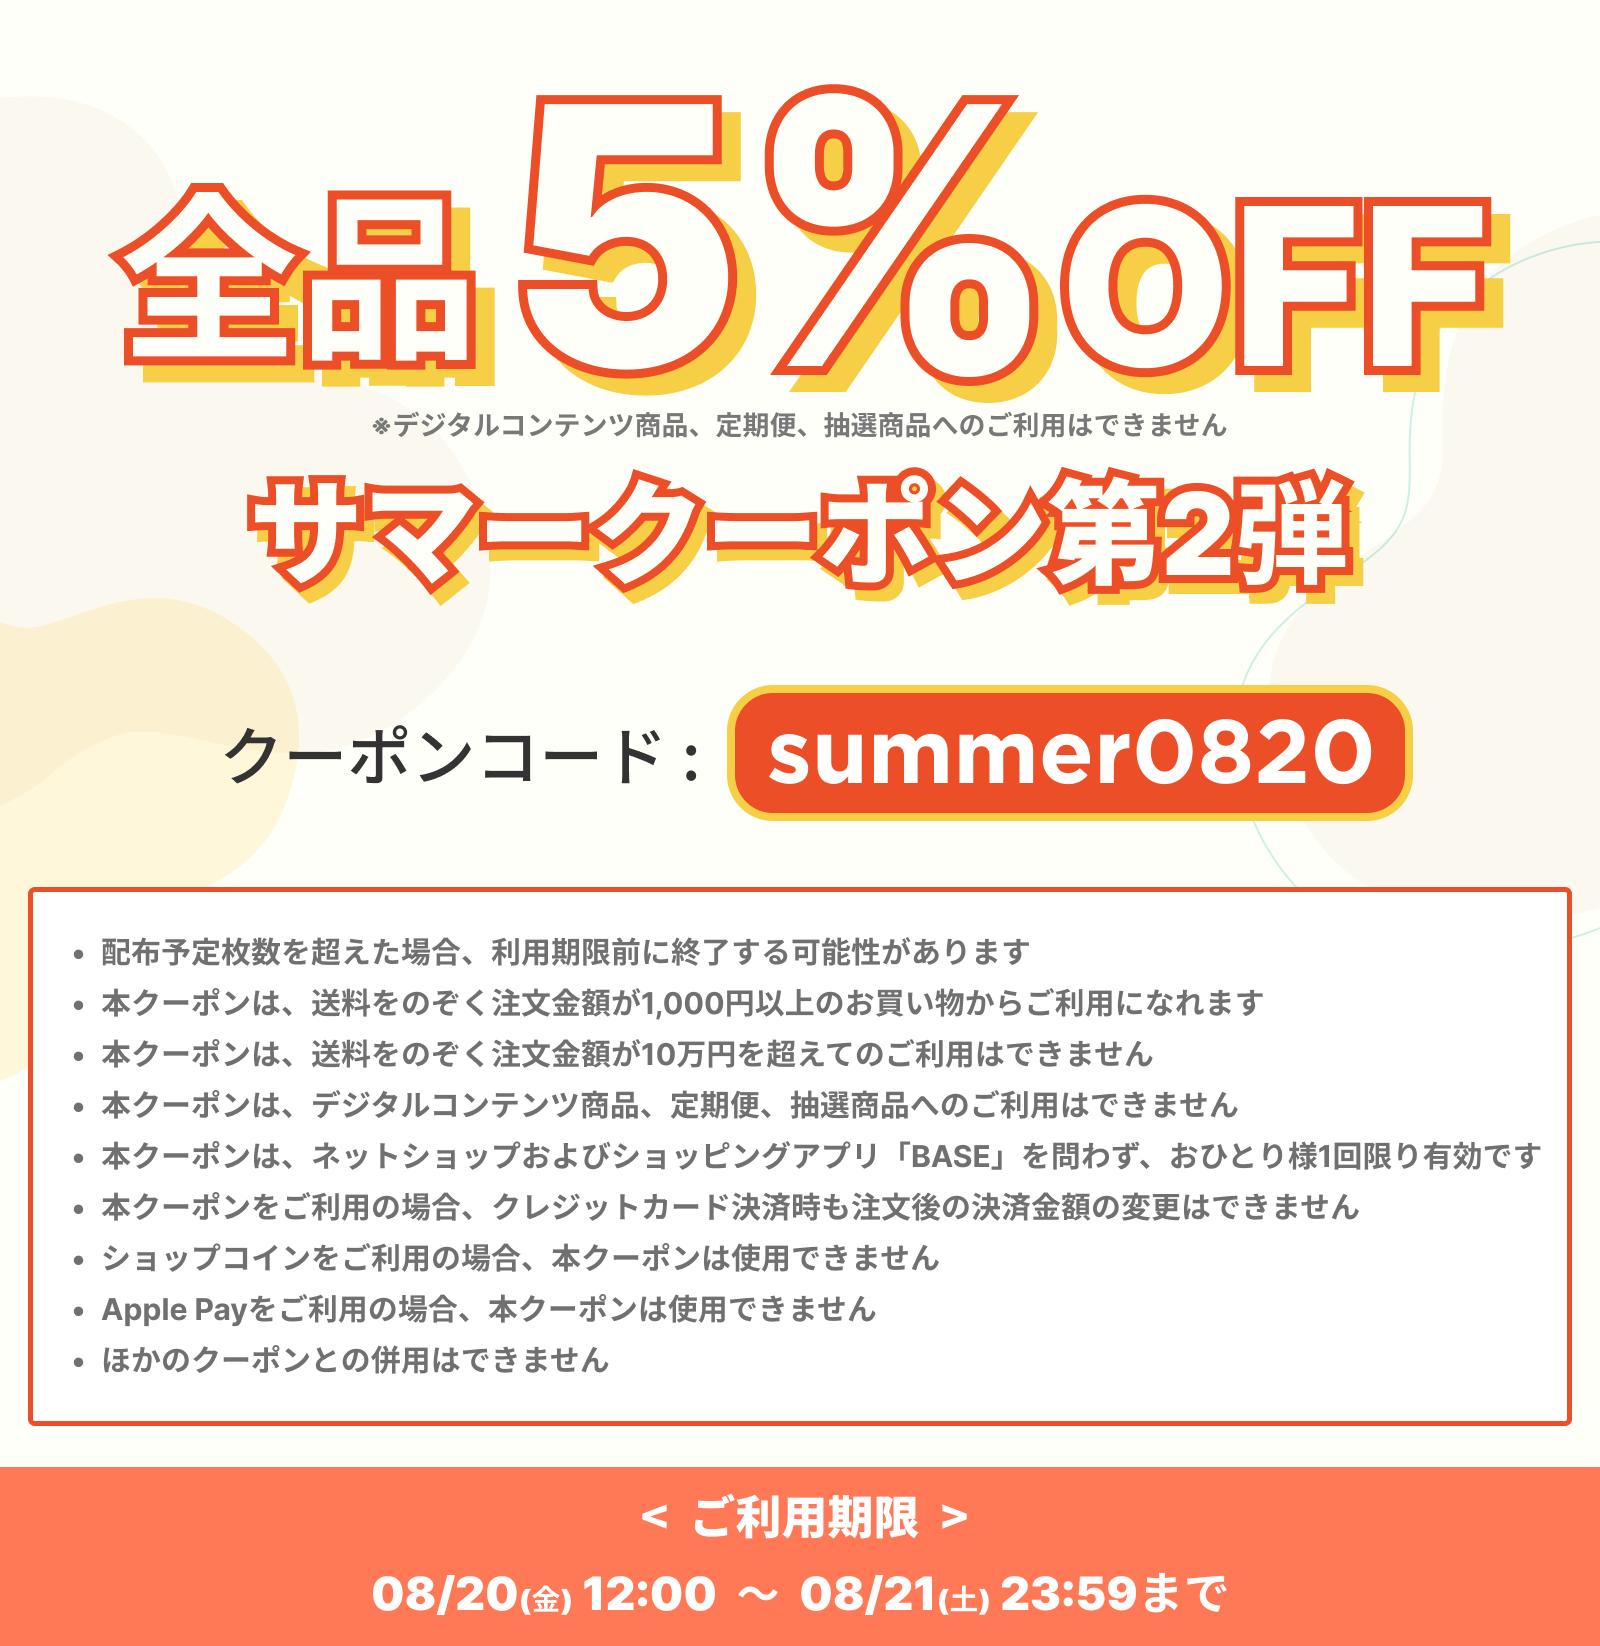 【8/20(金)-8/21(土)】2日間限定!全品5%OFFクーポン配布中!